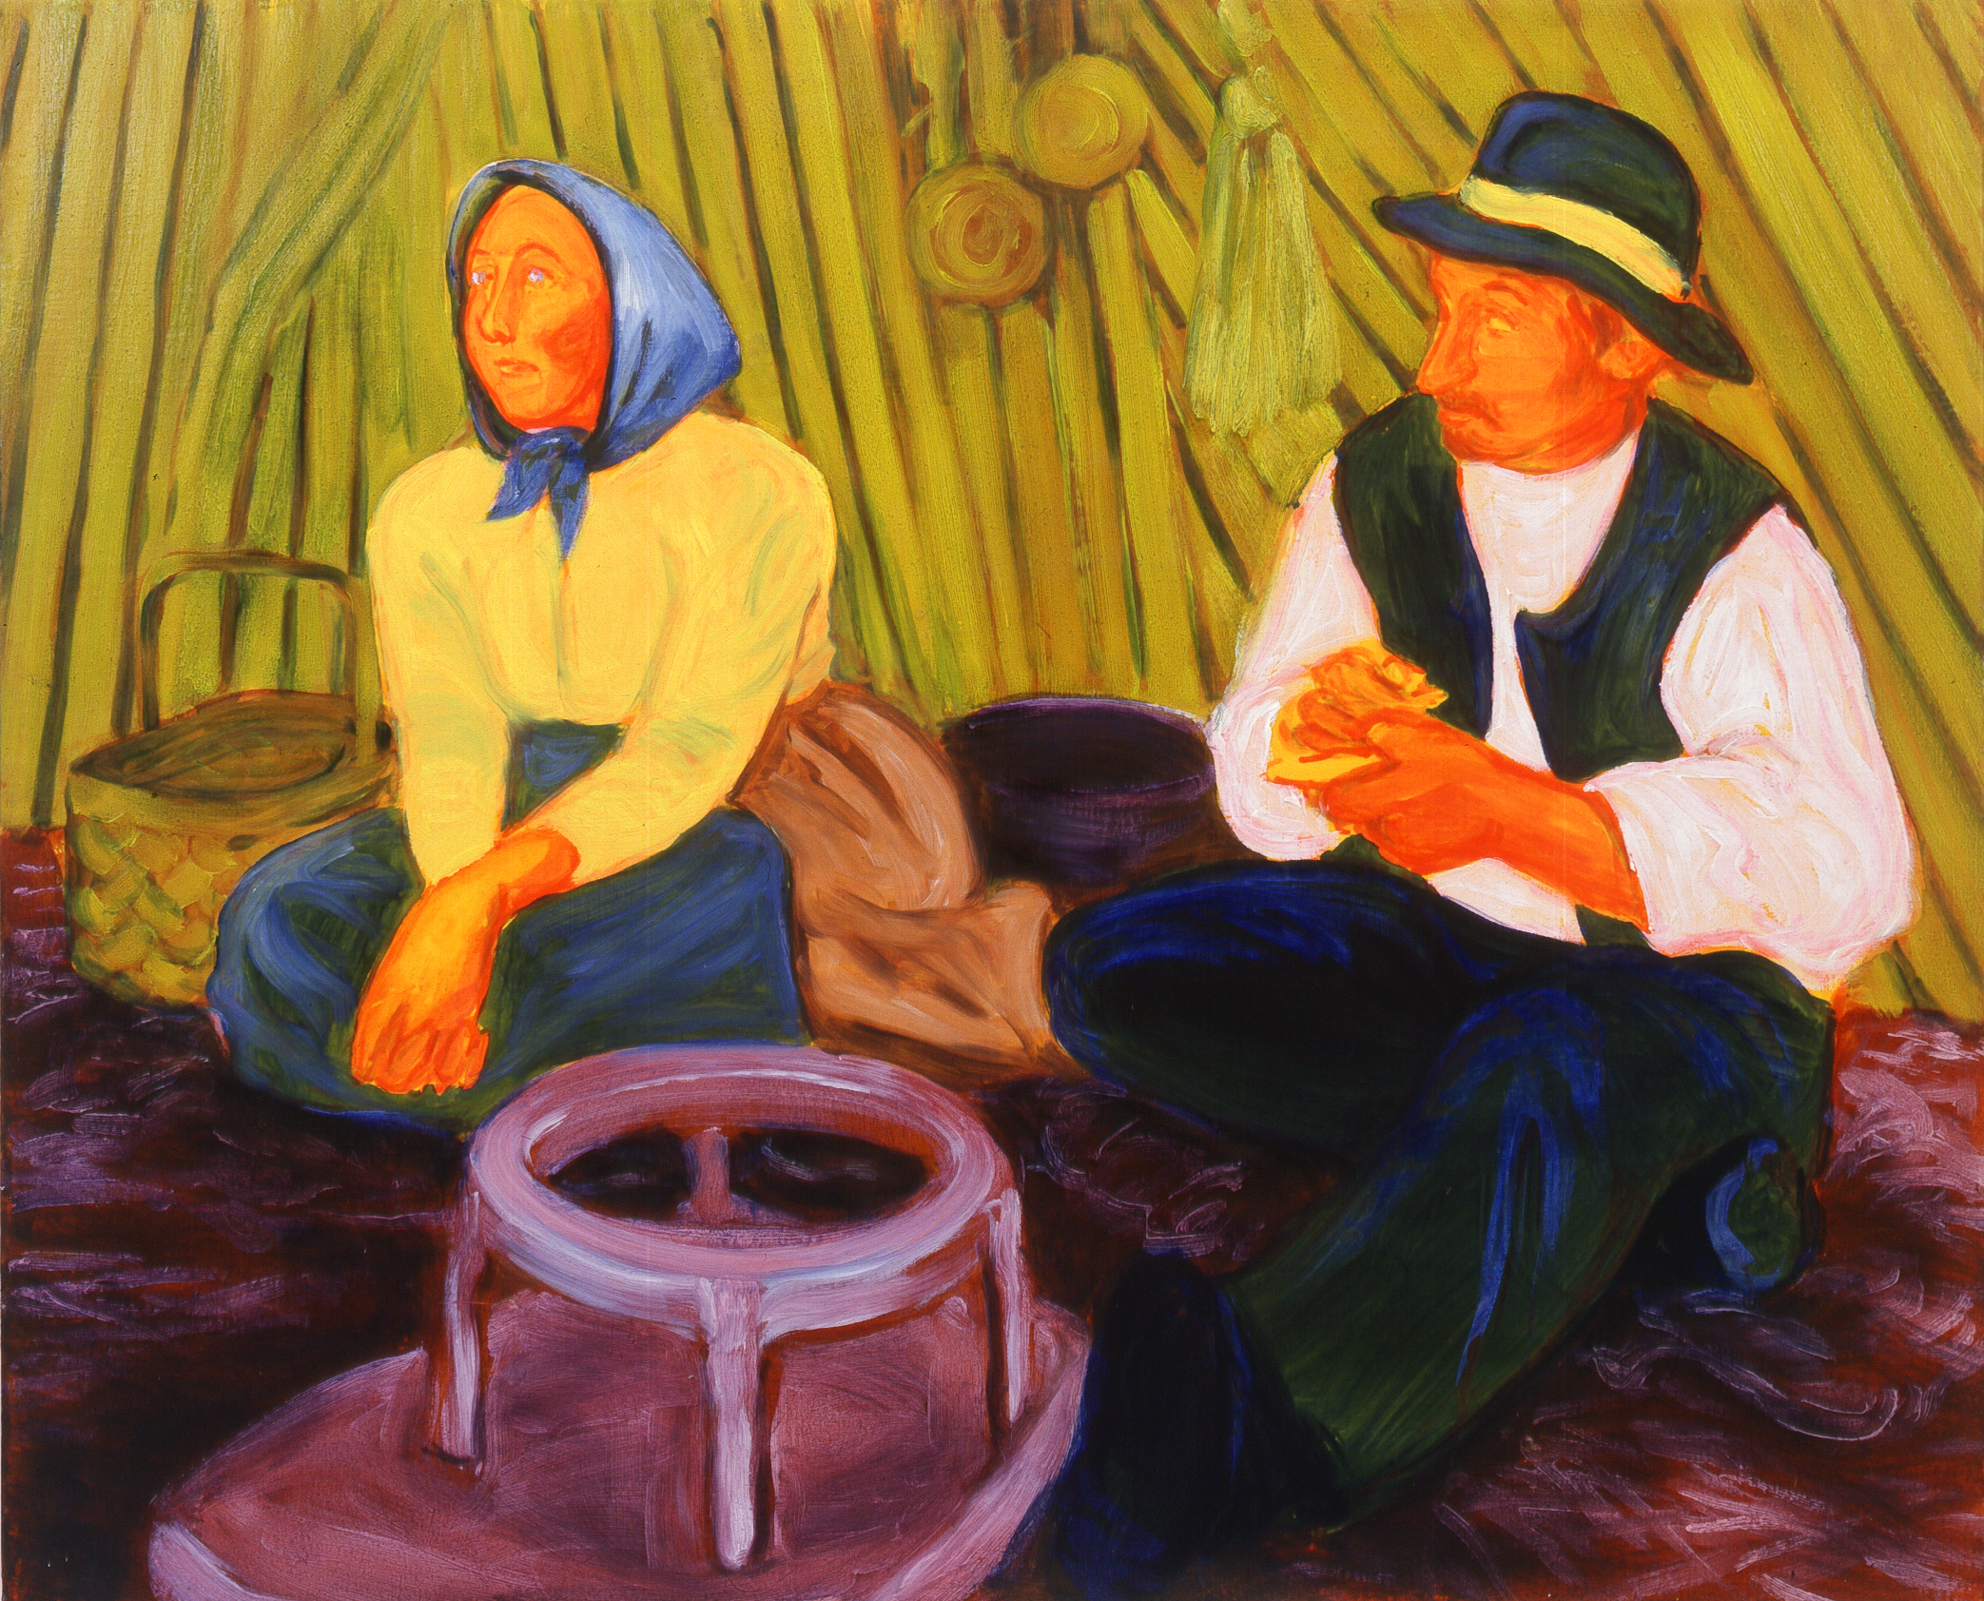 Sámi Couple, 2007